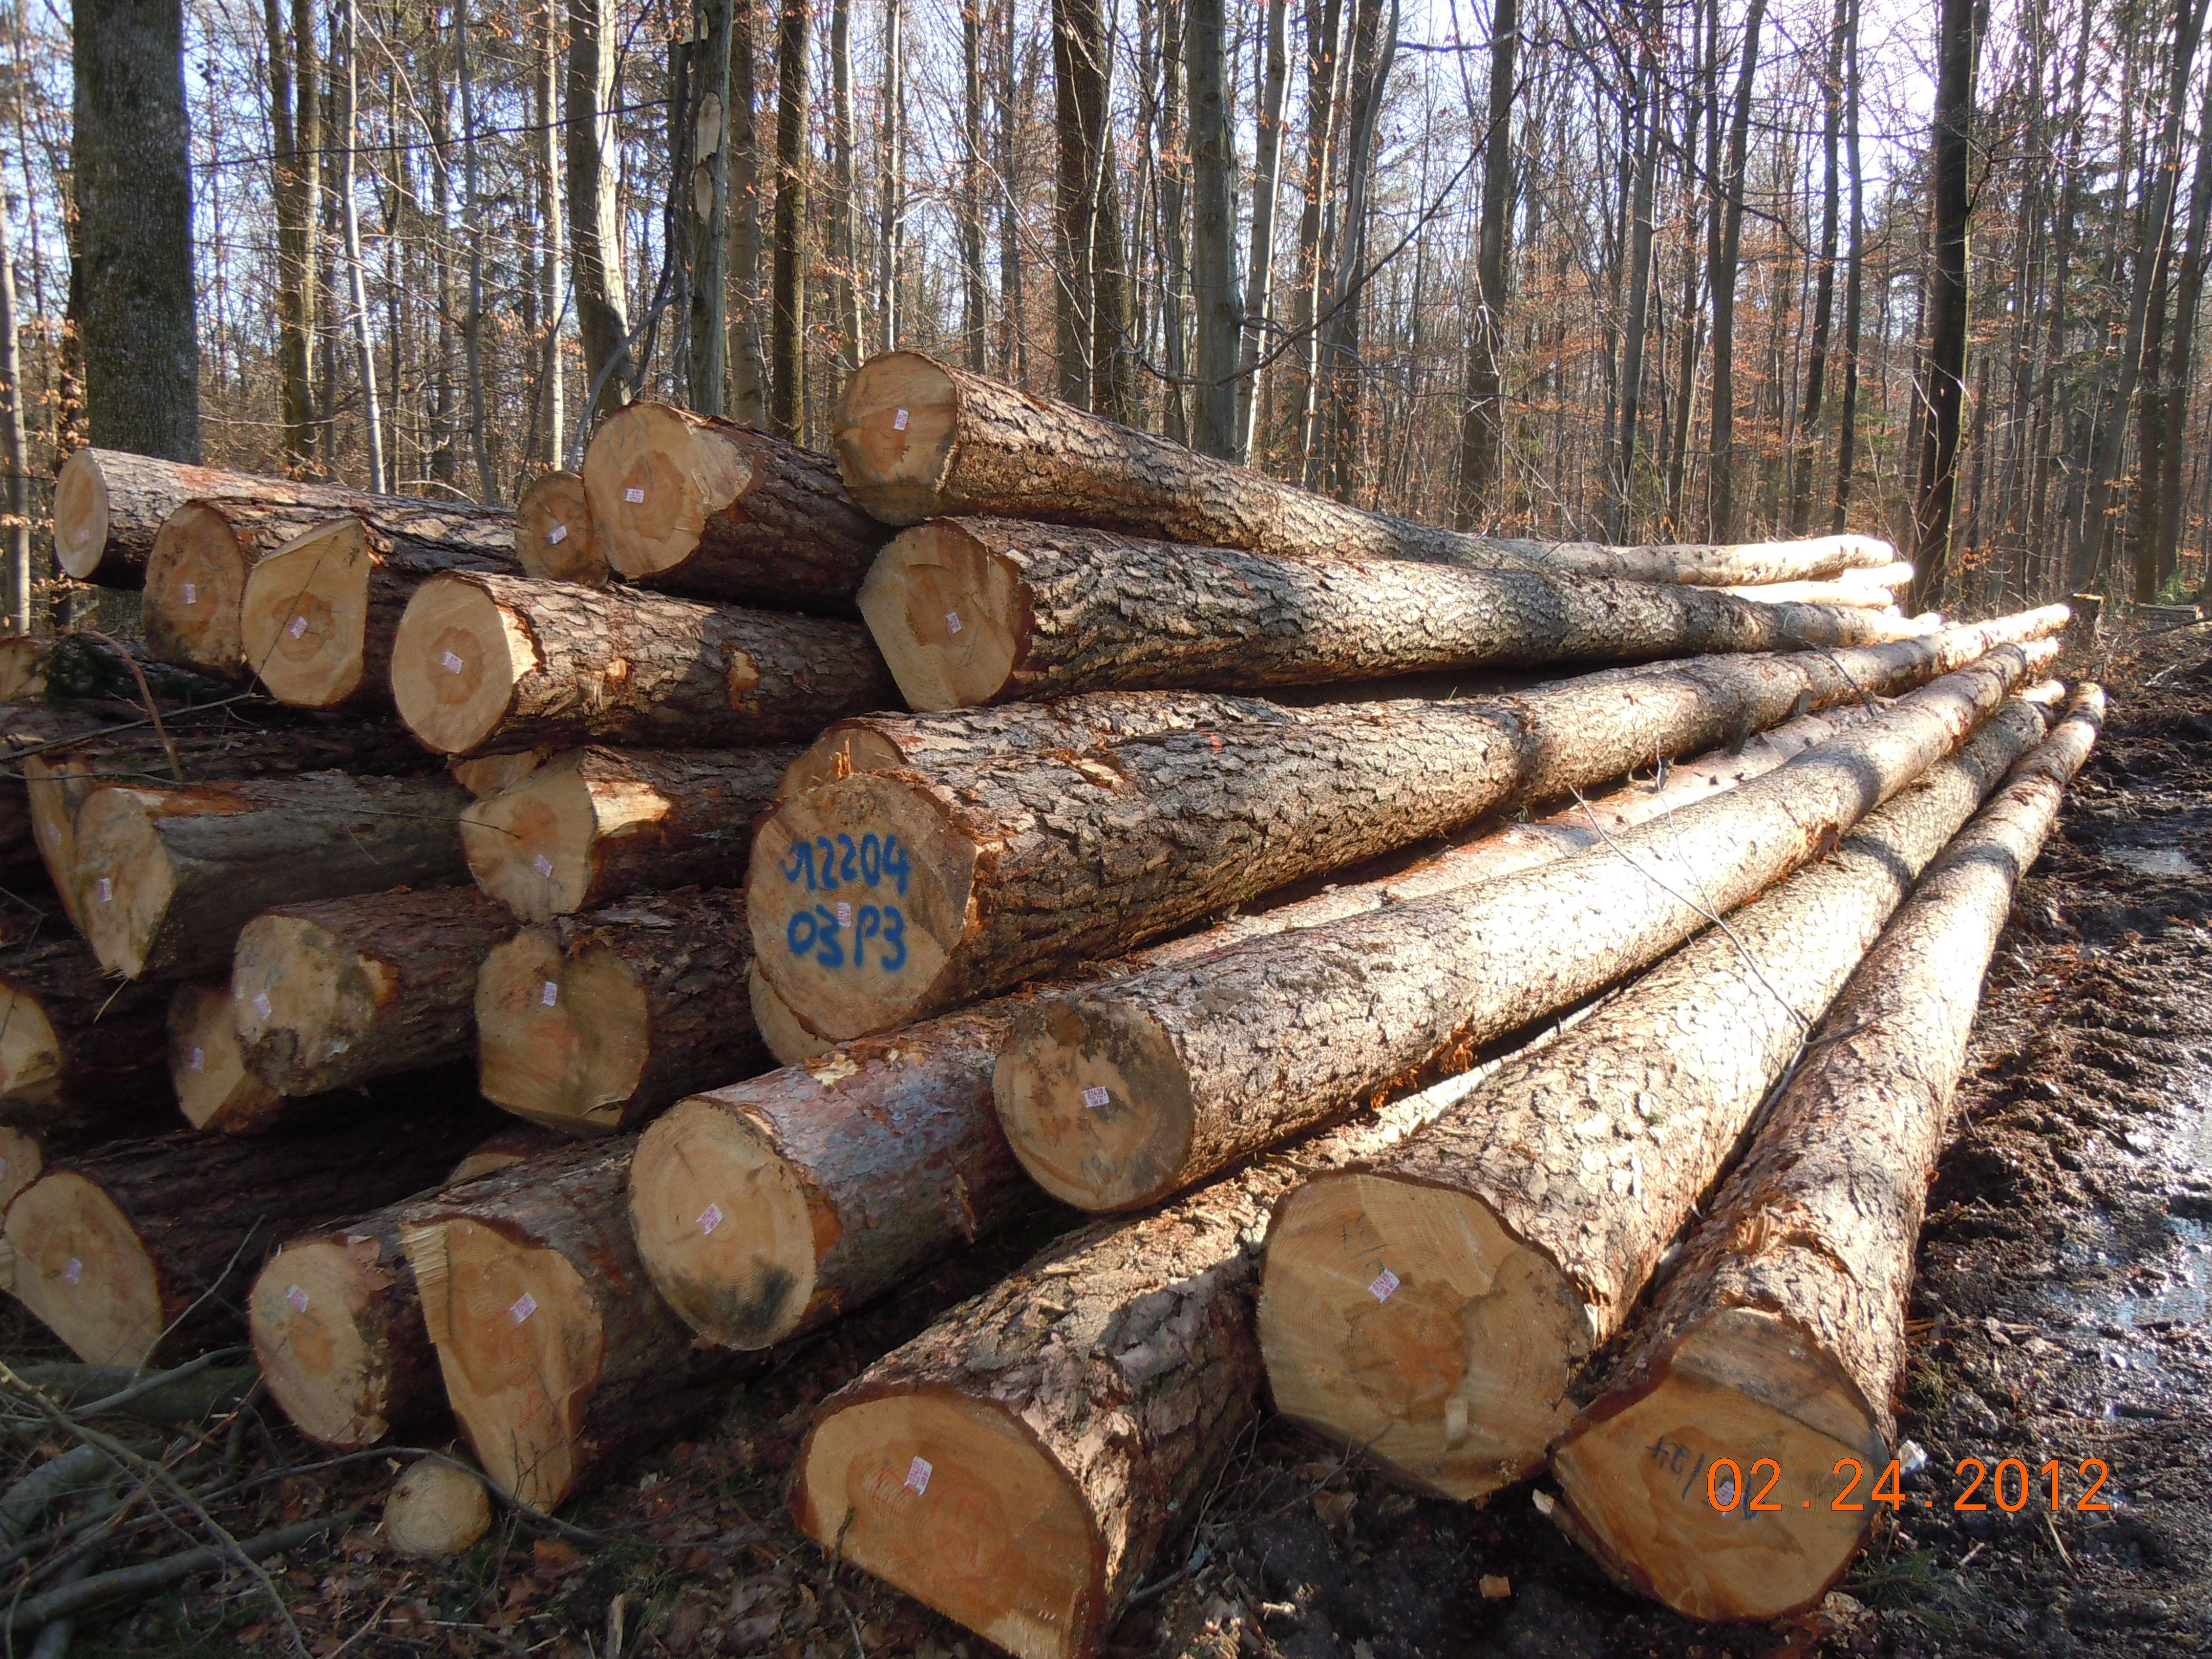 Madera de pino arbol images - Madera de pino ...